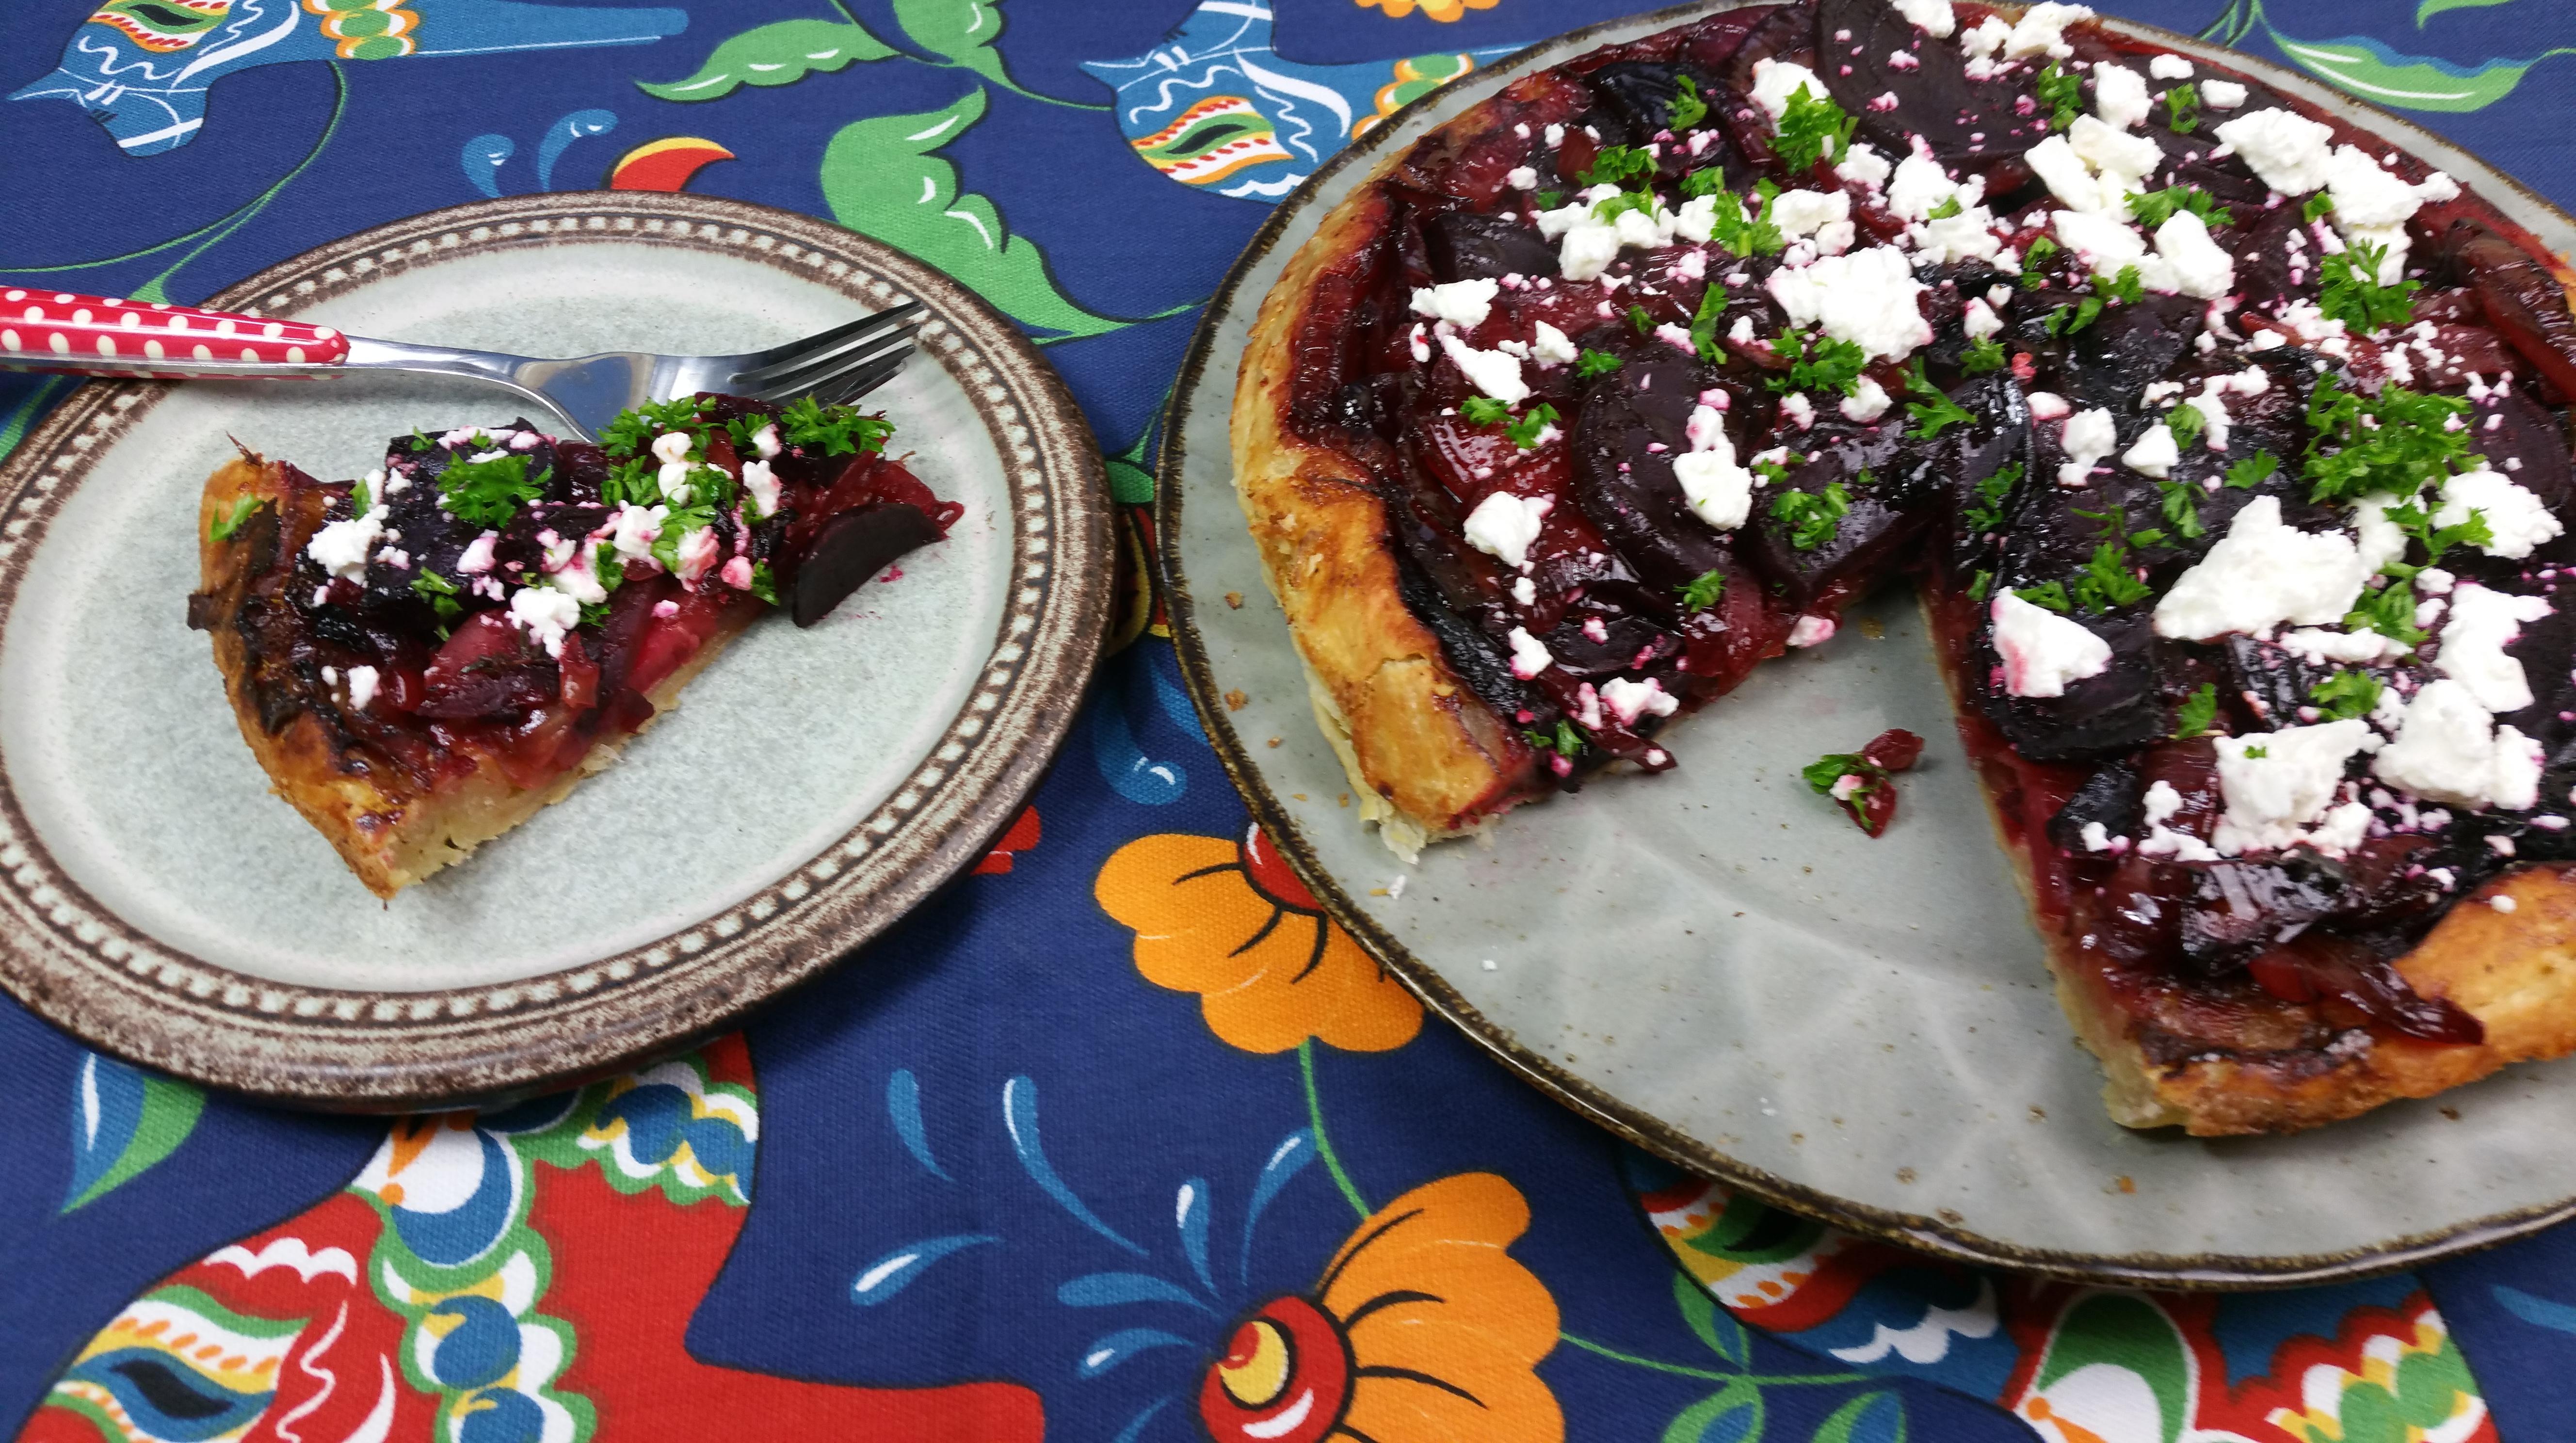 Uitgelichte foto voor het bericht Bieten tarte-tatin met uien